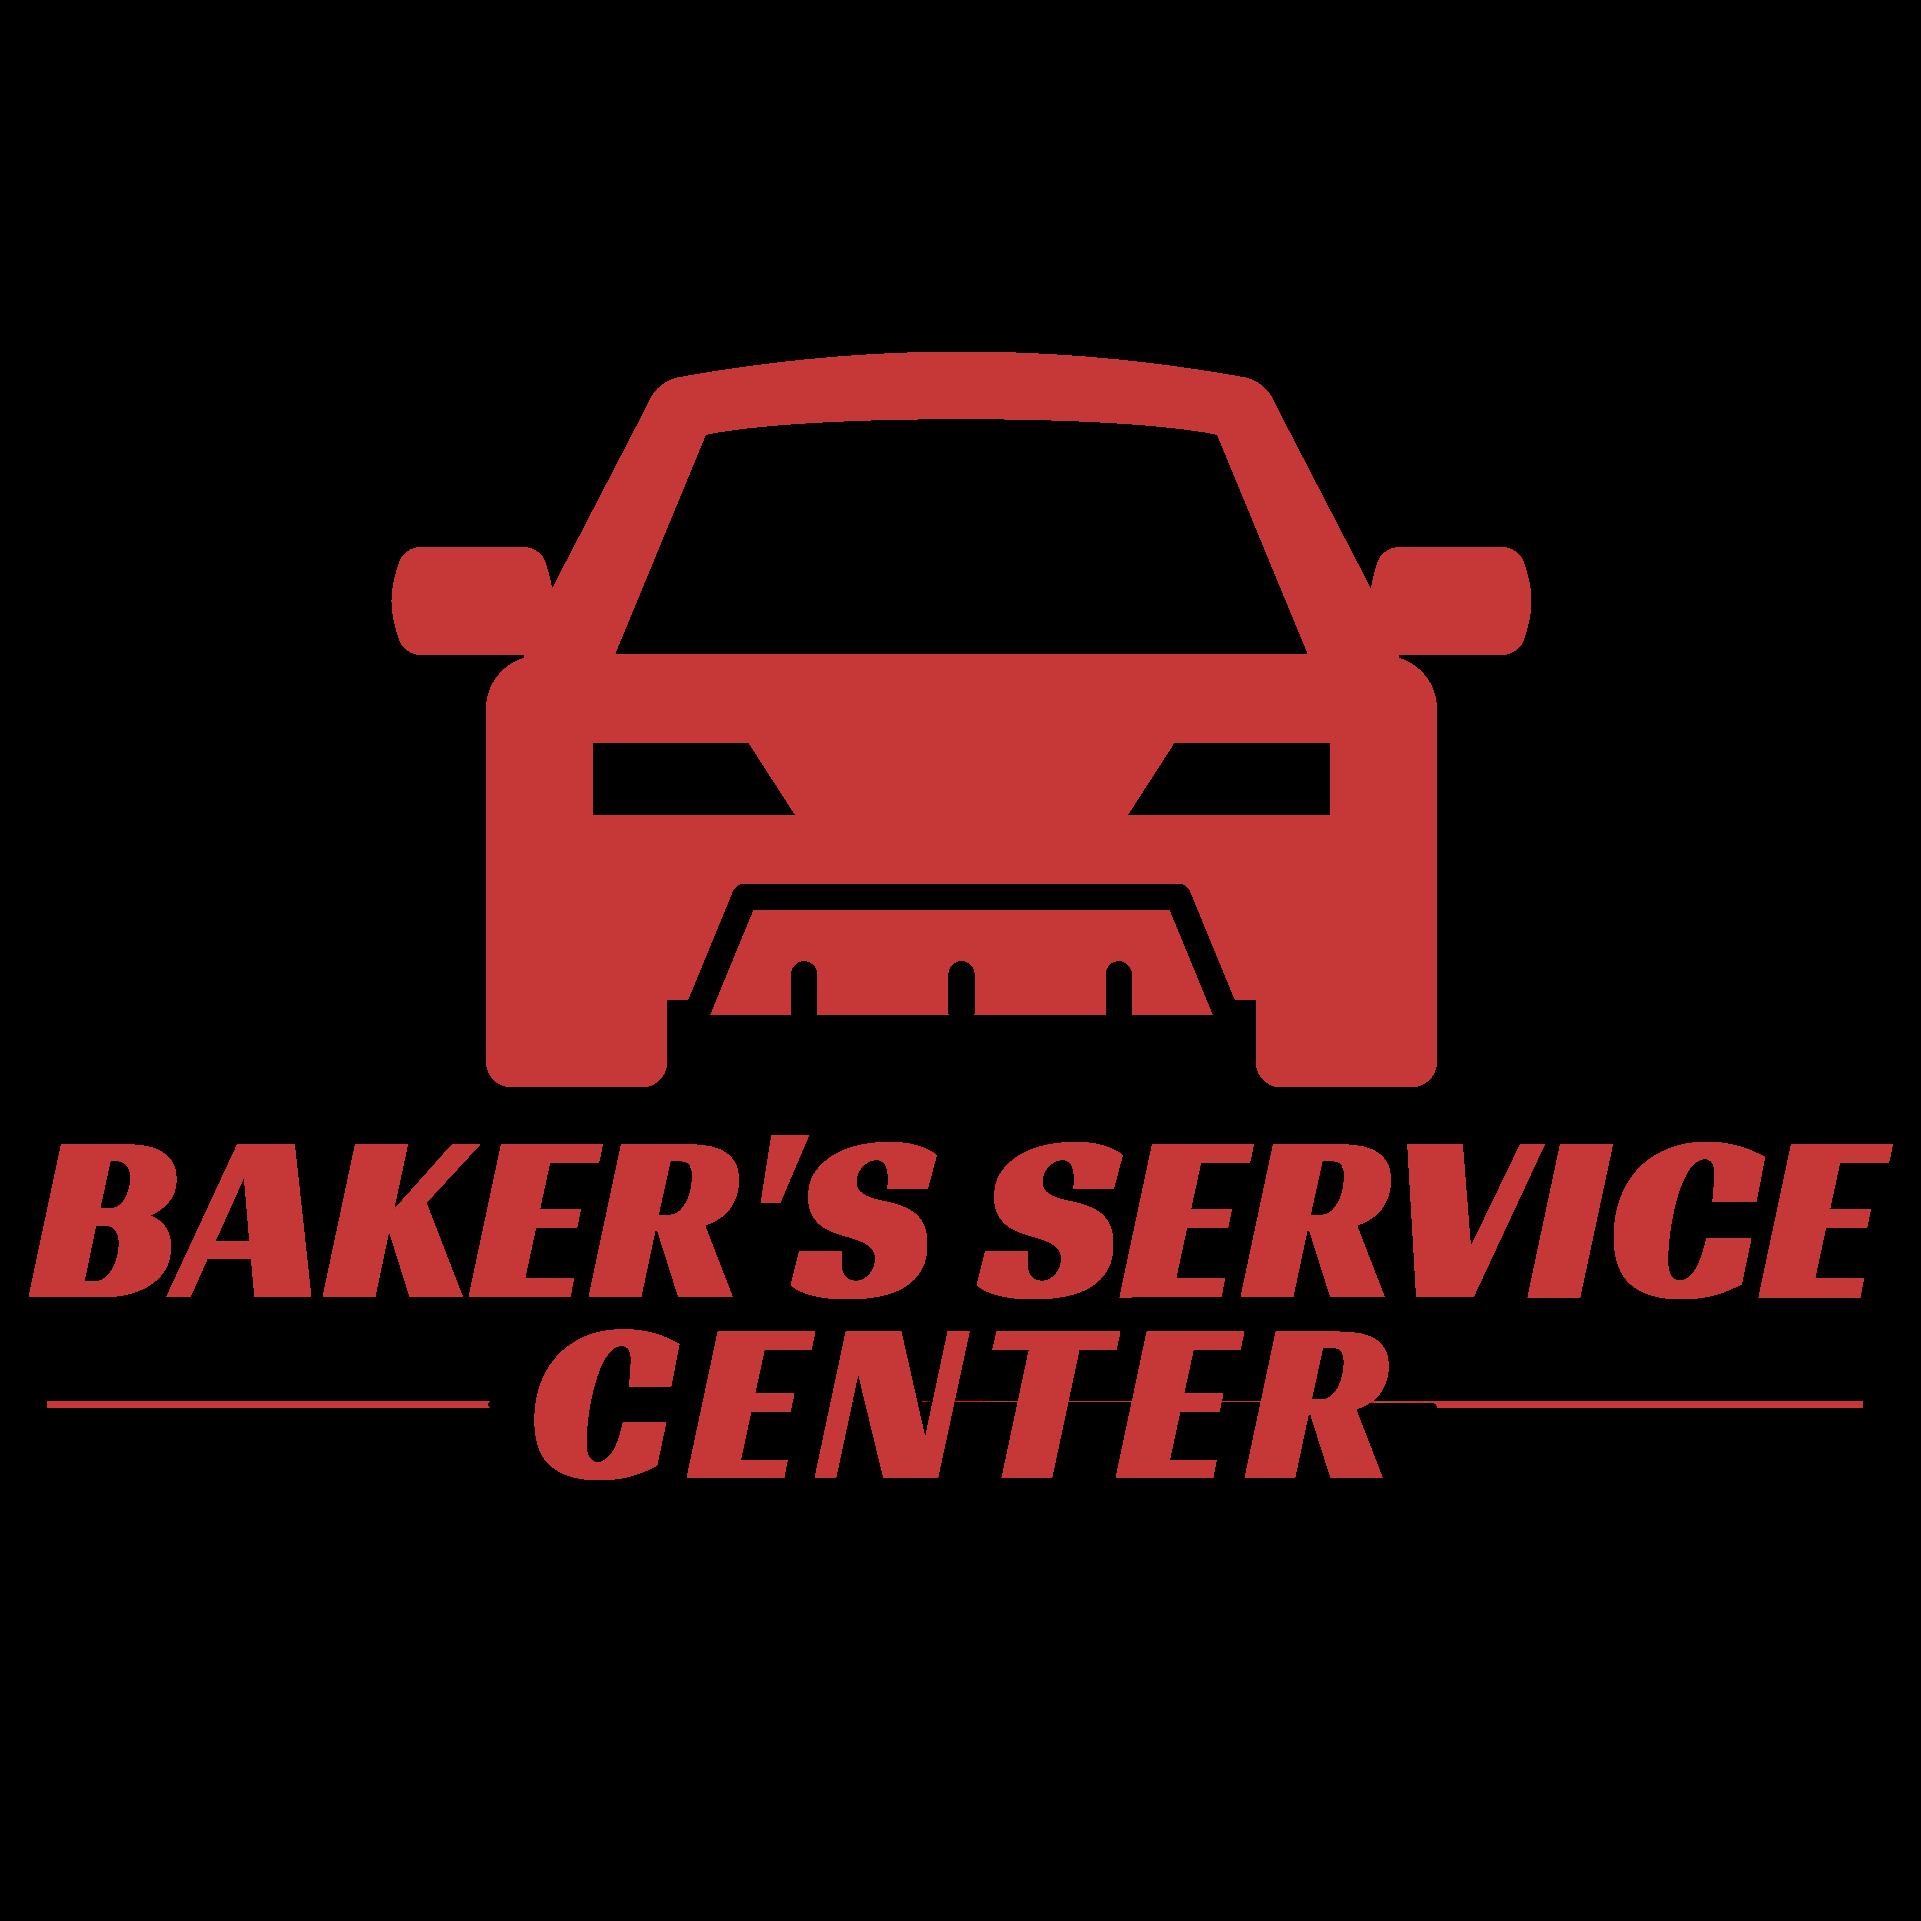 Baker's Service Center